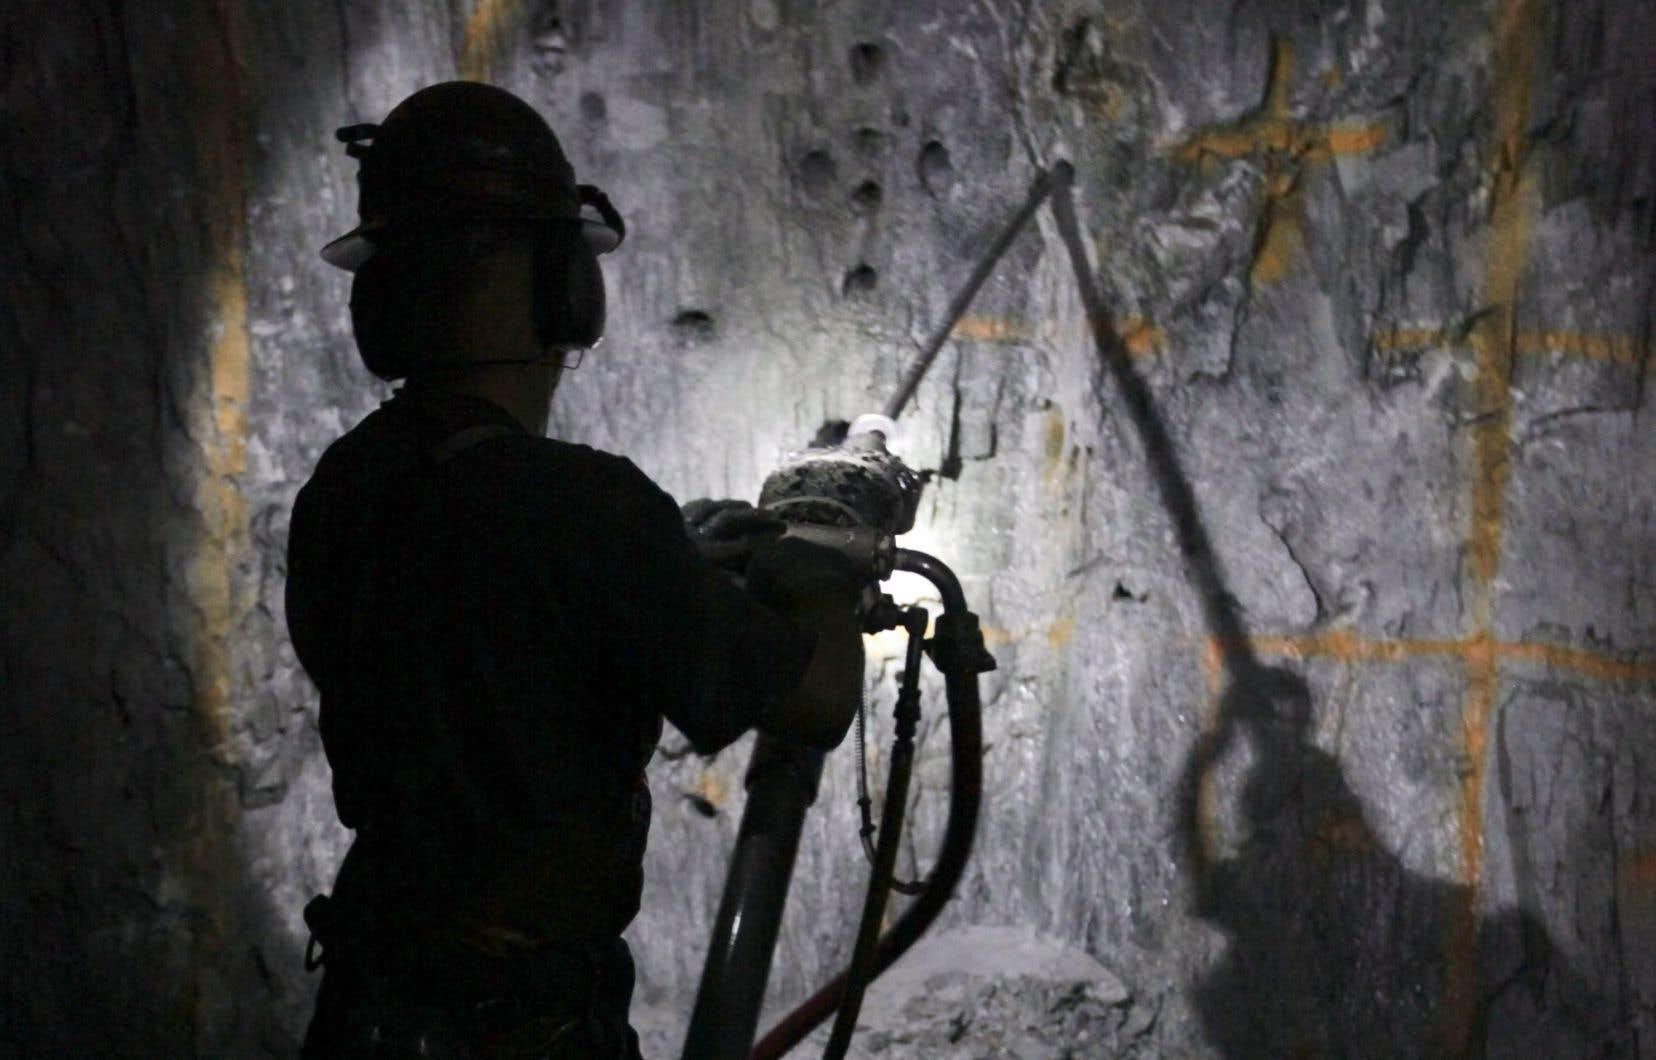 Le tribunal a penché en faveur des deux mécaniciens de 30ans d'expérience, qui travaillaient dans une mine.